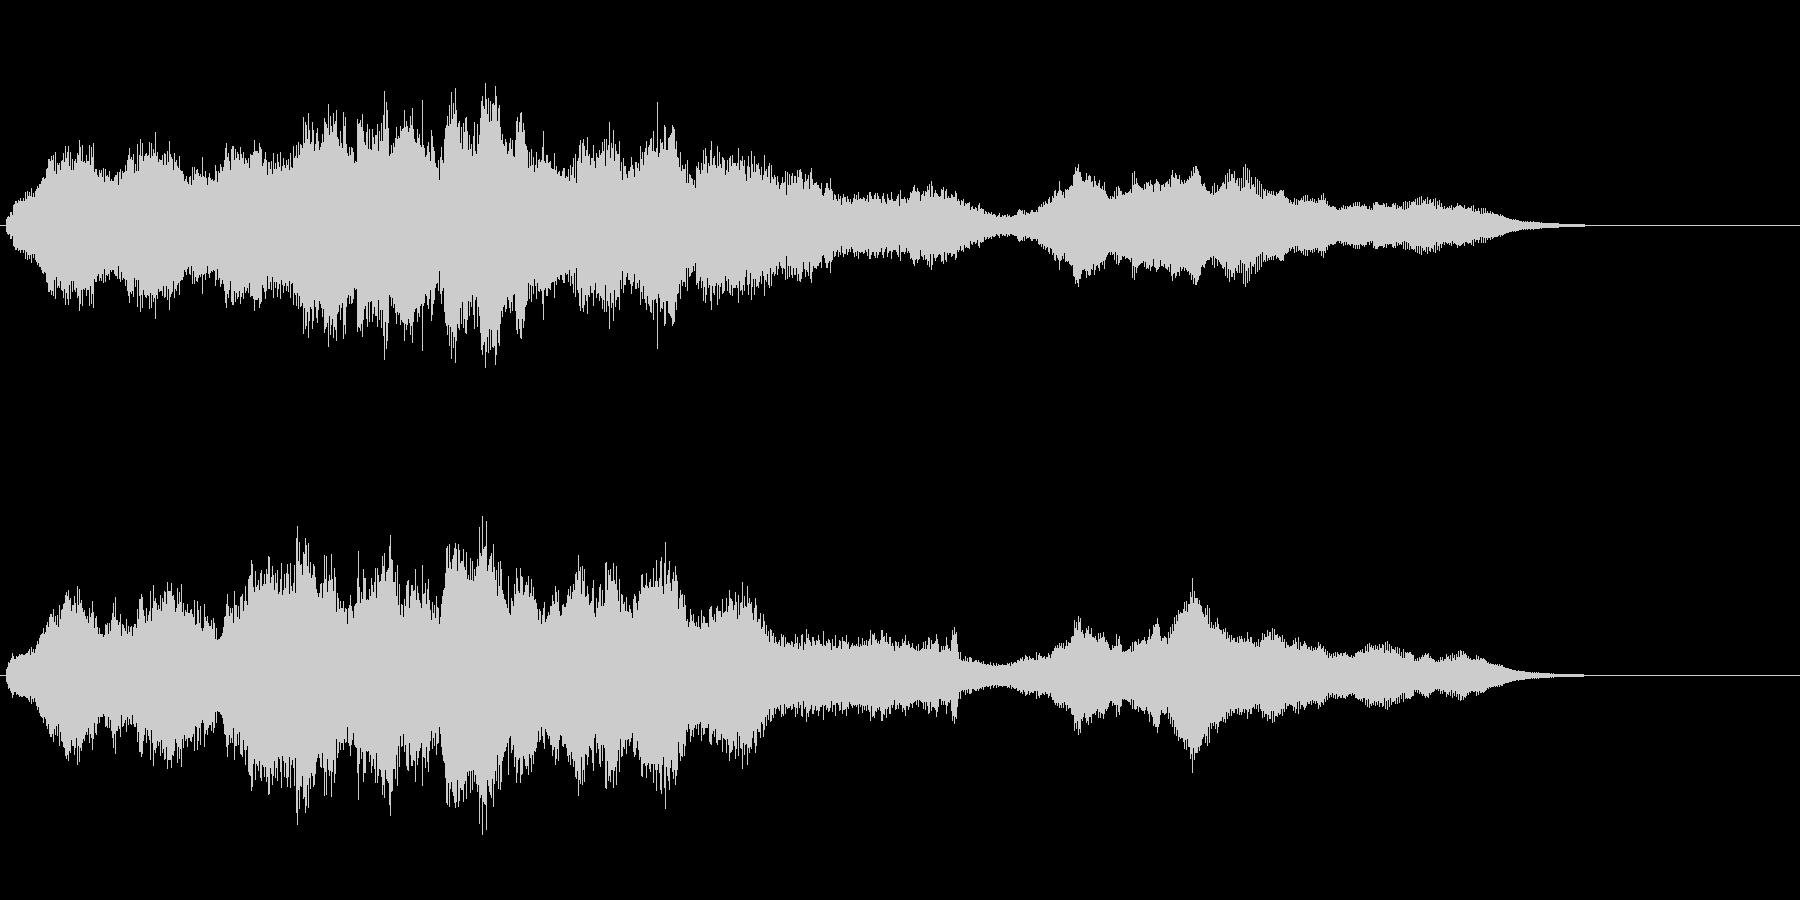 機械仕掛けのアイキャッチ音の未再生の波形